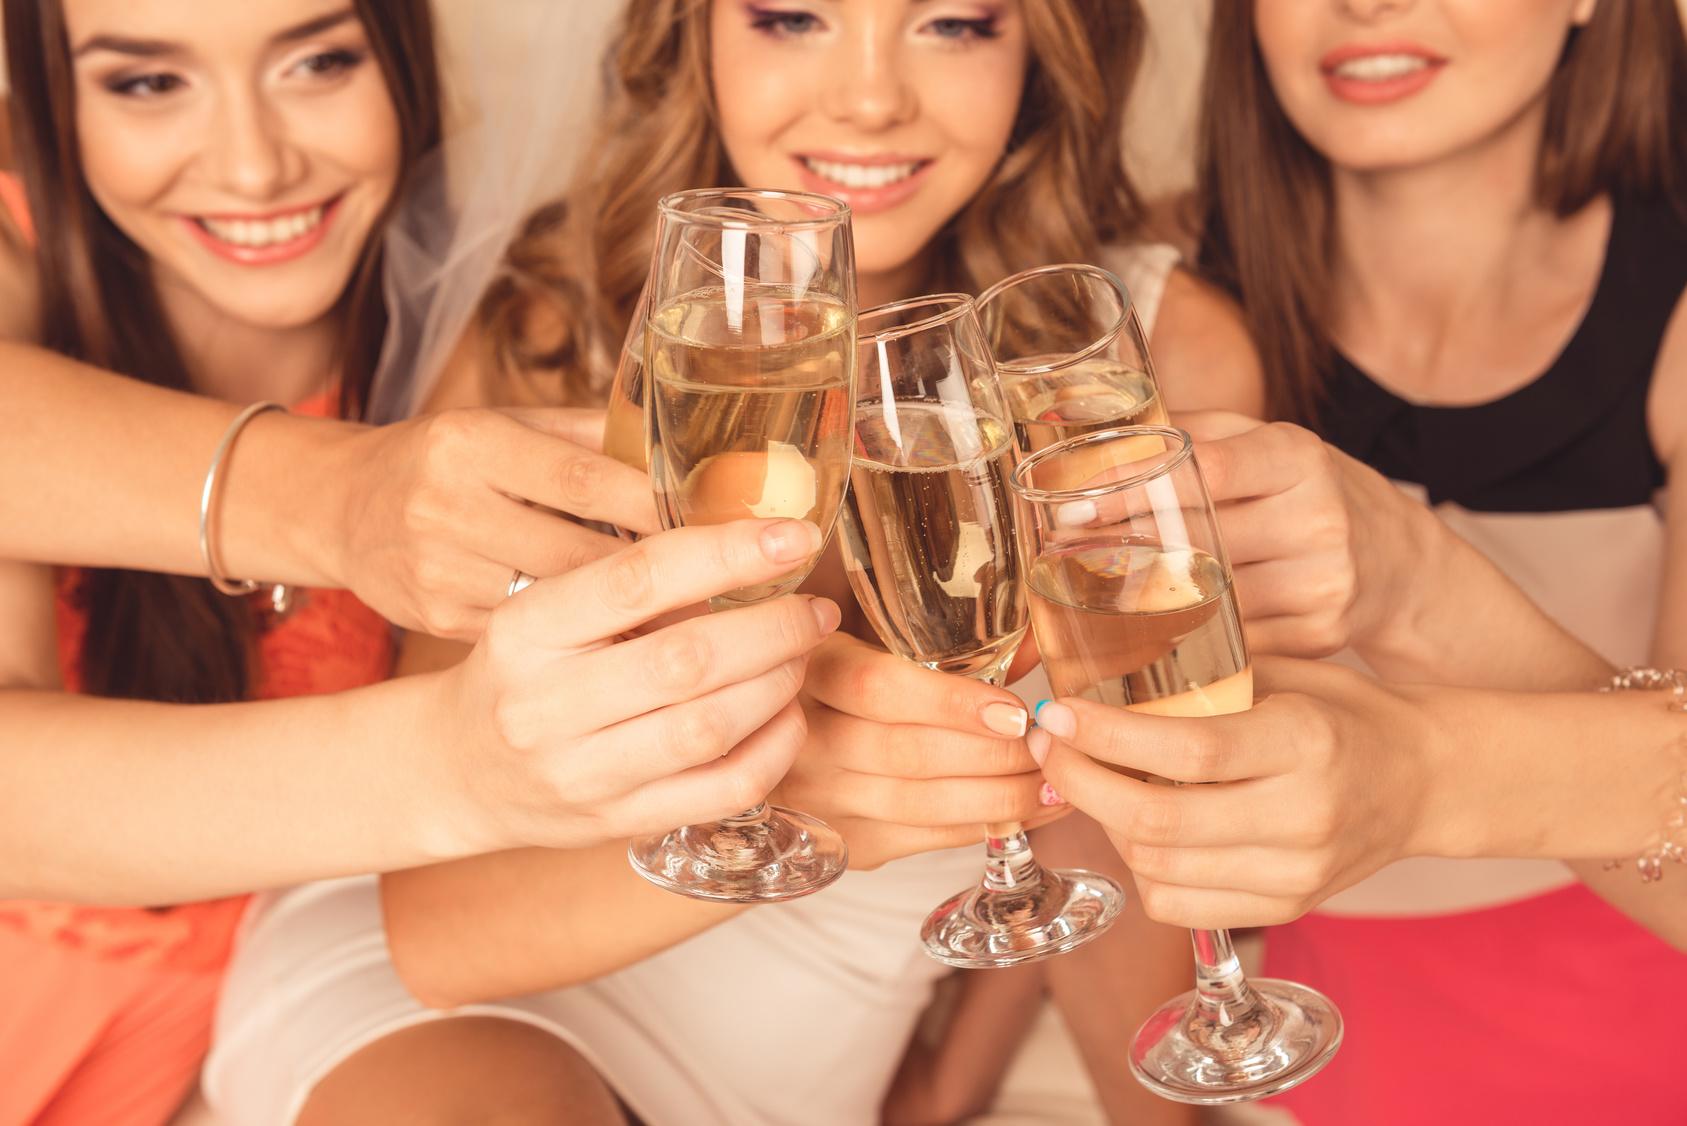 街コンレポート_外国人美女たちがワインで乾杯しています